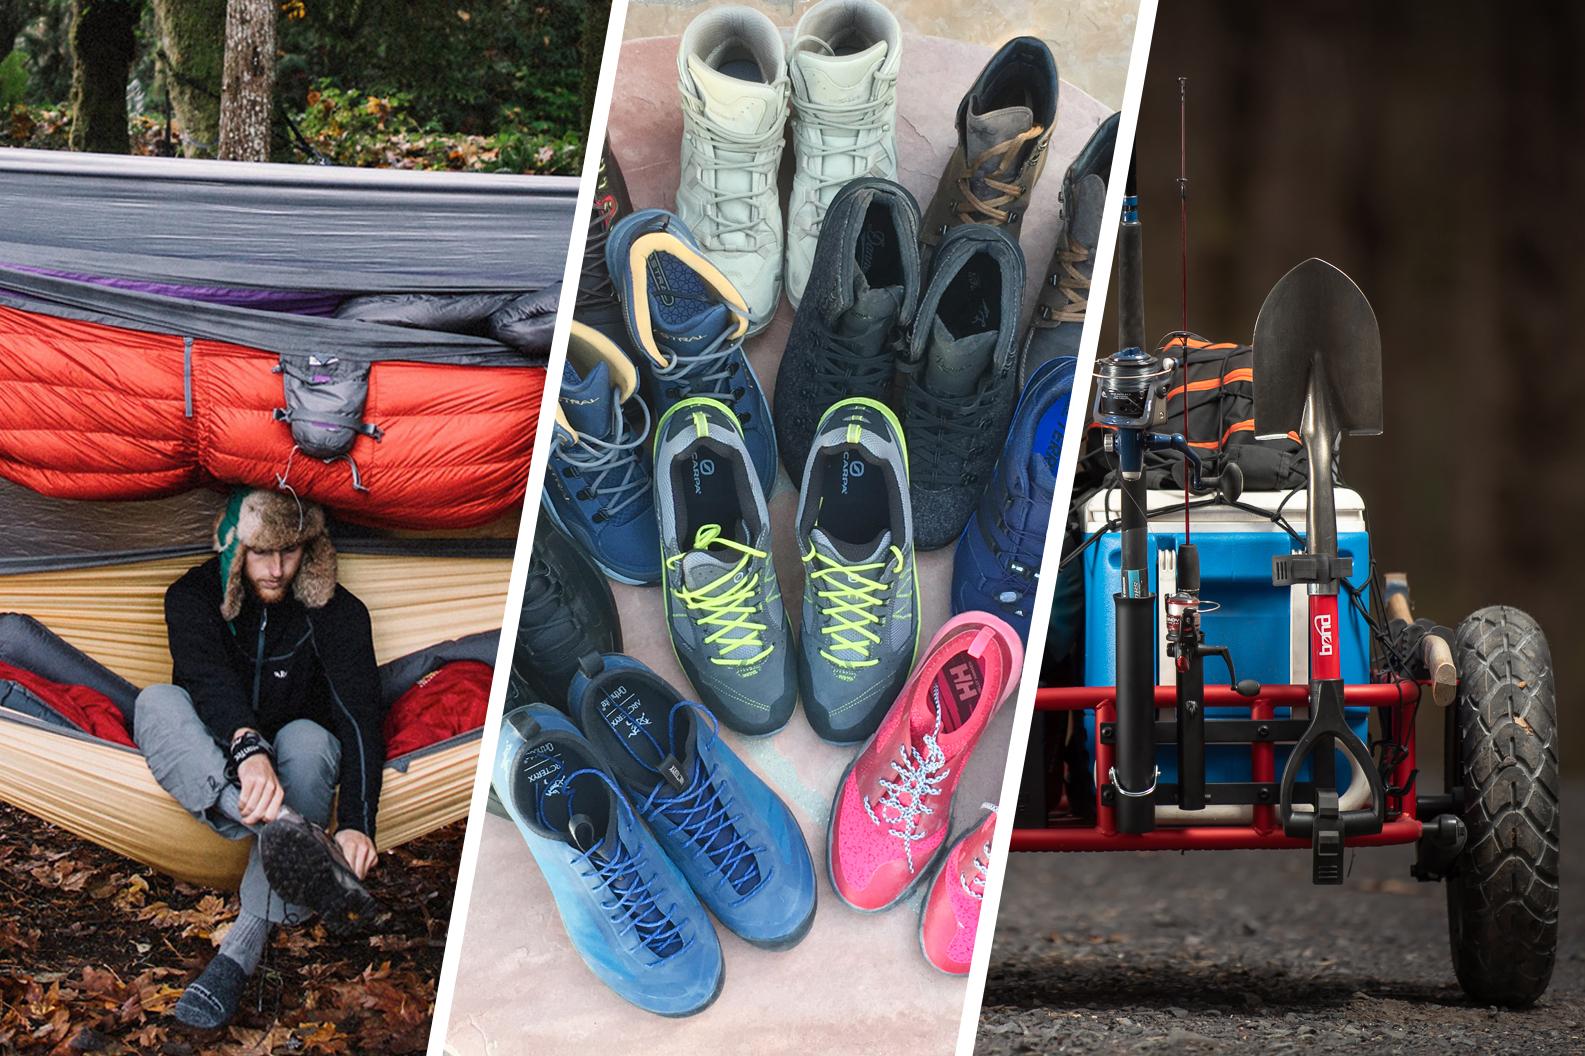 Trending: Our Top Outdoor Stories This Week | GearJunkie